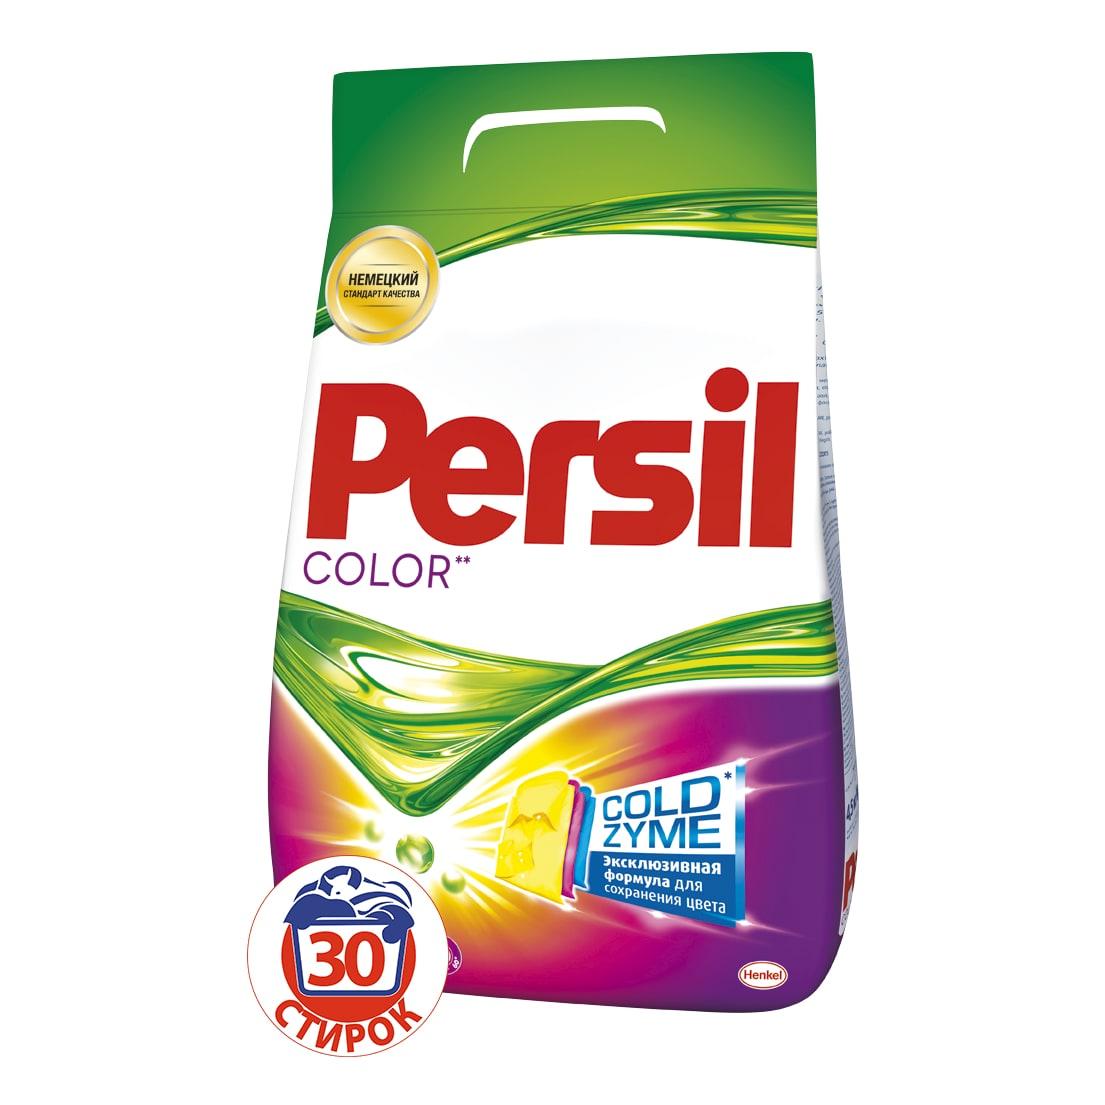 Стиральный порошок Persil Колор 4,5 кг935074Persil Color - стиральный порошок с сильной формулой, которая содержит активные капсулы пятновыводителя. Капсулы пятновыводителя быстро растворяются в воде и начинают действовать на пятно уже в самом начале стирки. Благодаря специальной формуле Persil Color отлично удаляет даже сложные пятна, а специальные цветозащитные компоненты сохраняют яркие цвета ткани. Persil Color для безупречной чистоты Вашего белья. Состав: 5-15% анионные ПАВ; Товар сертифицирован.